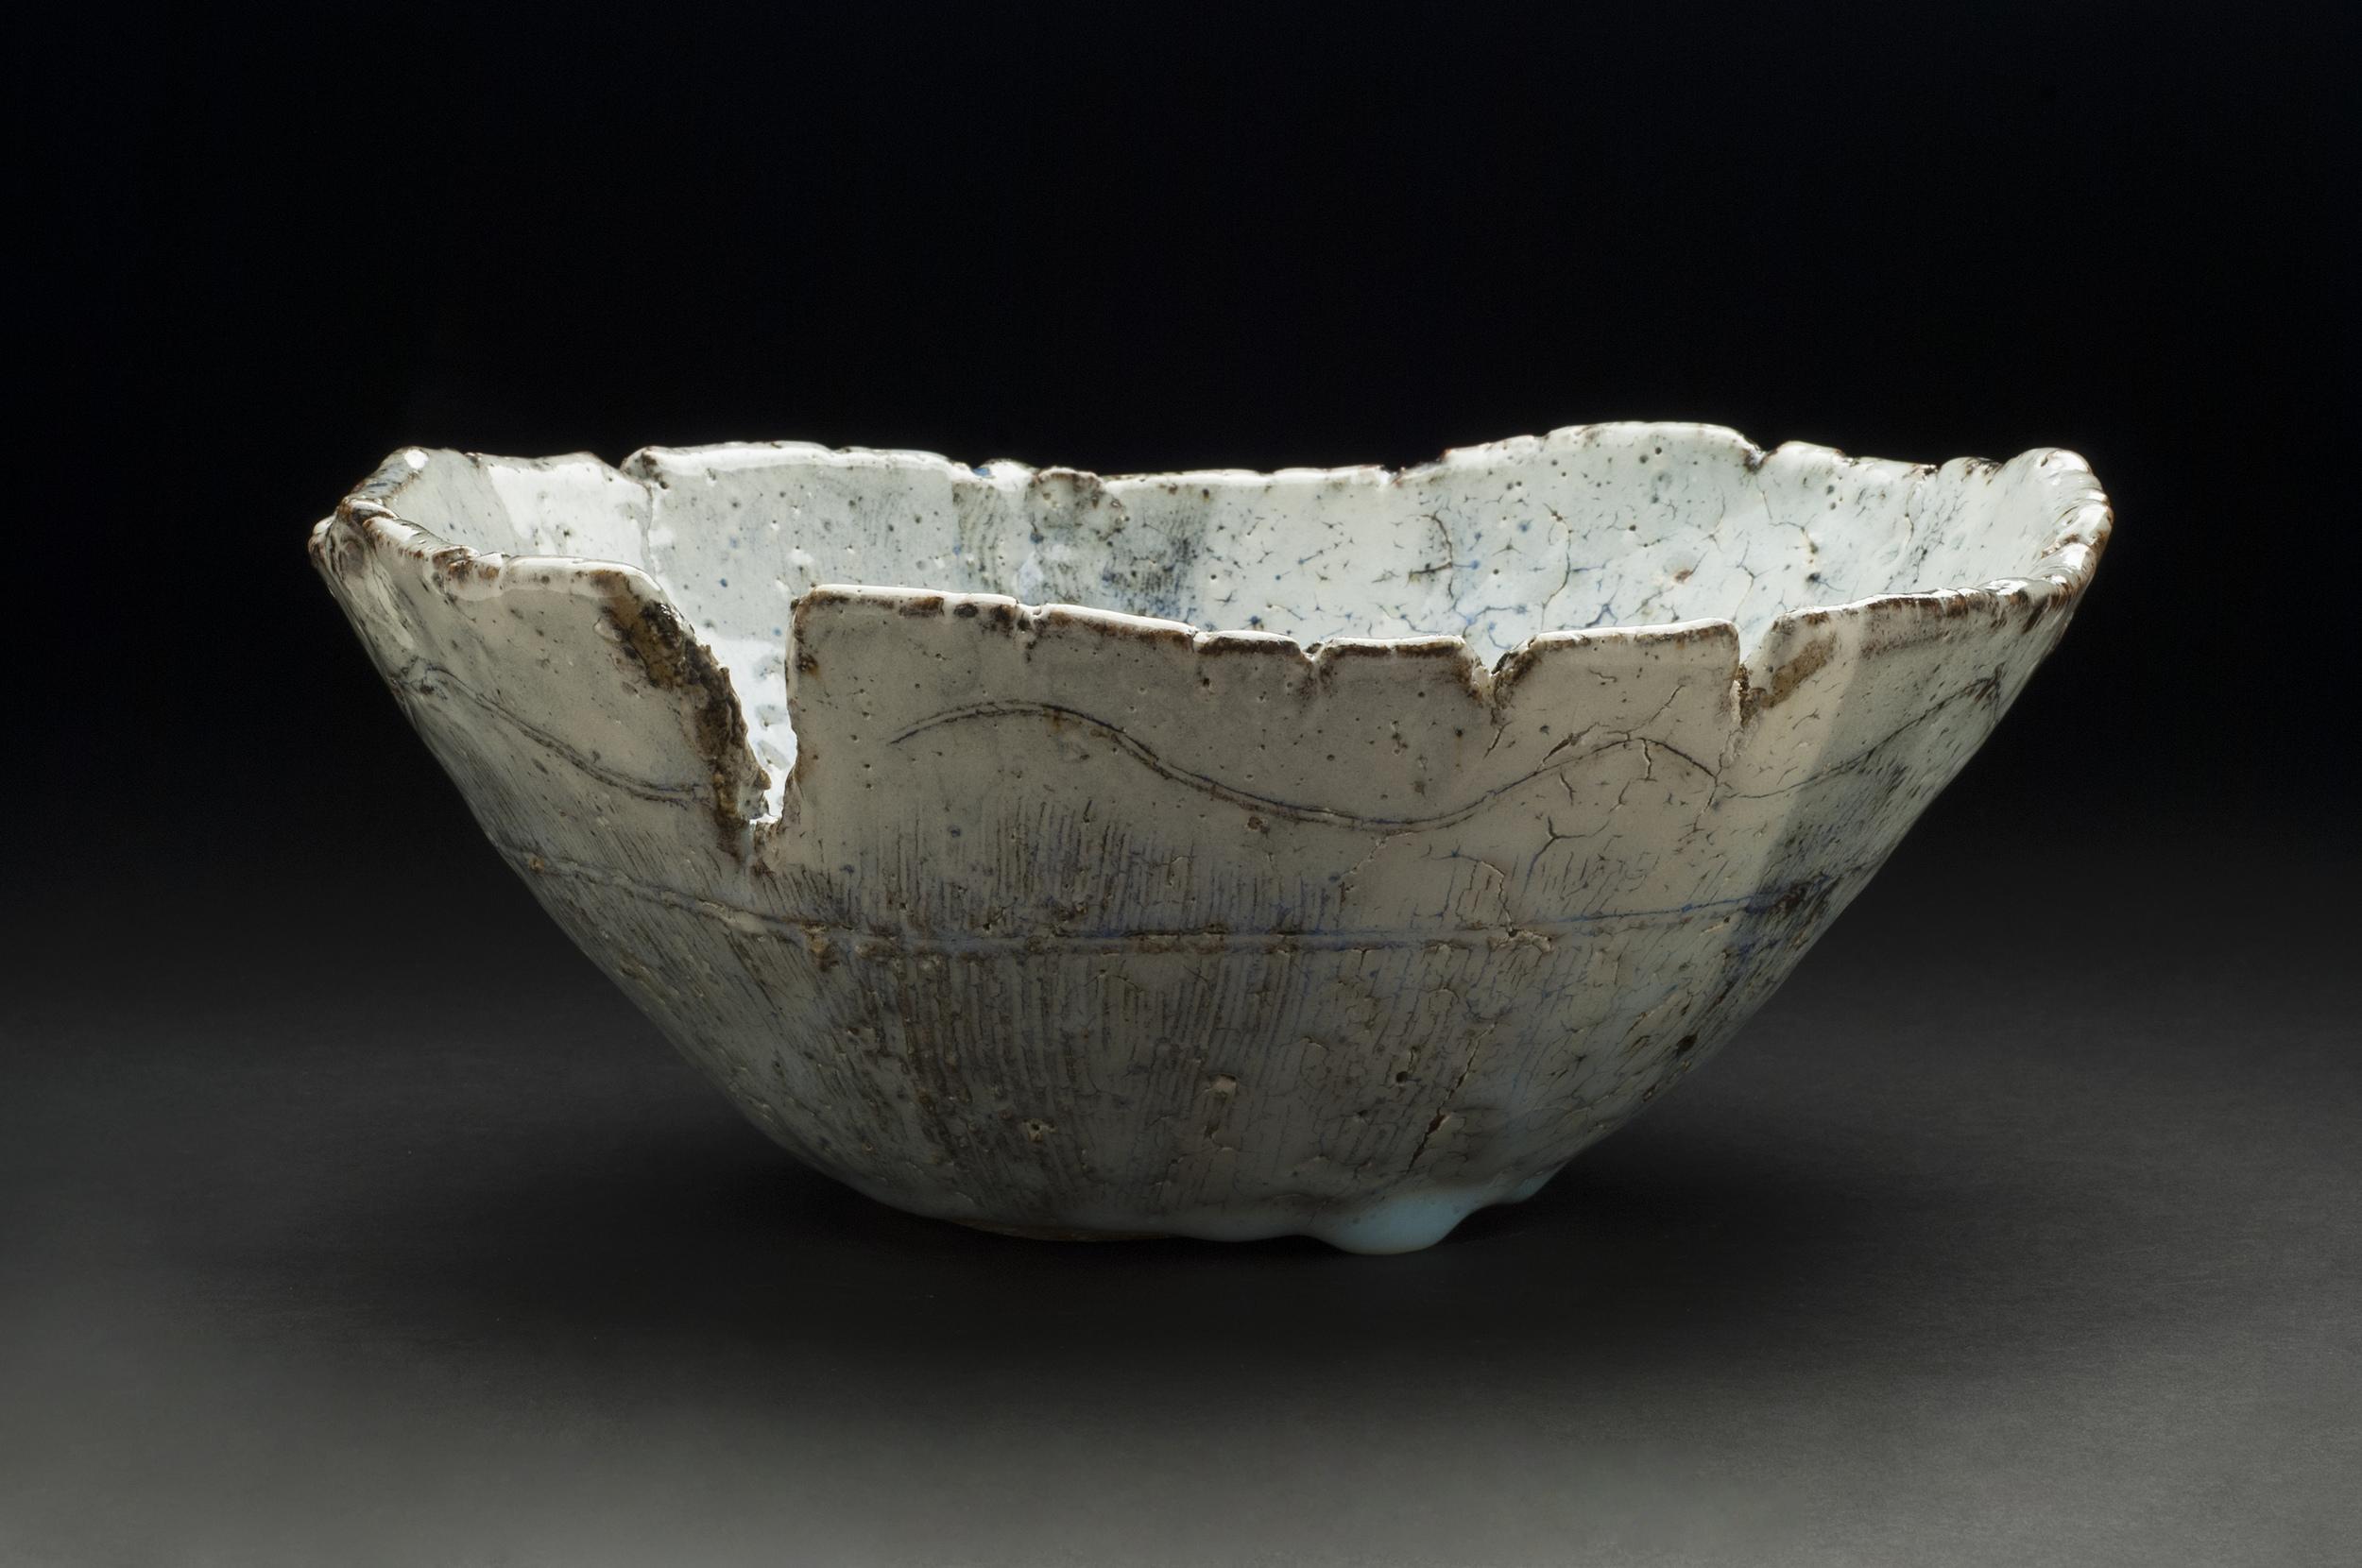 Jane Wheeler    Black Ice Bowl  , 2013 Stoneware clay with chun glaze, slab built 4.5 x 11 x 11 inches / 11.4 x 27.9 x 27.9 cm / JWh 6